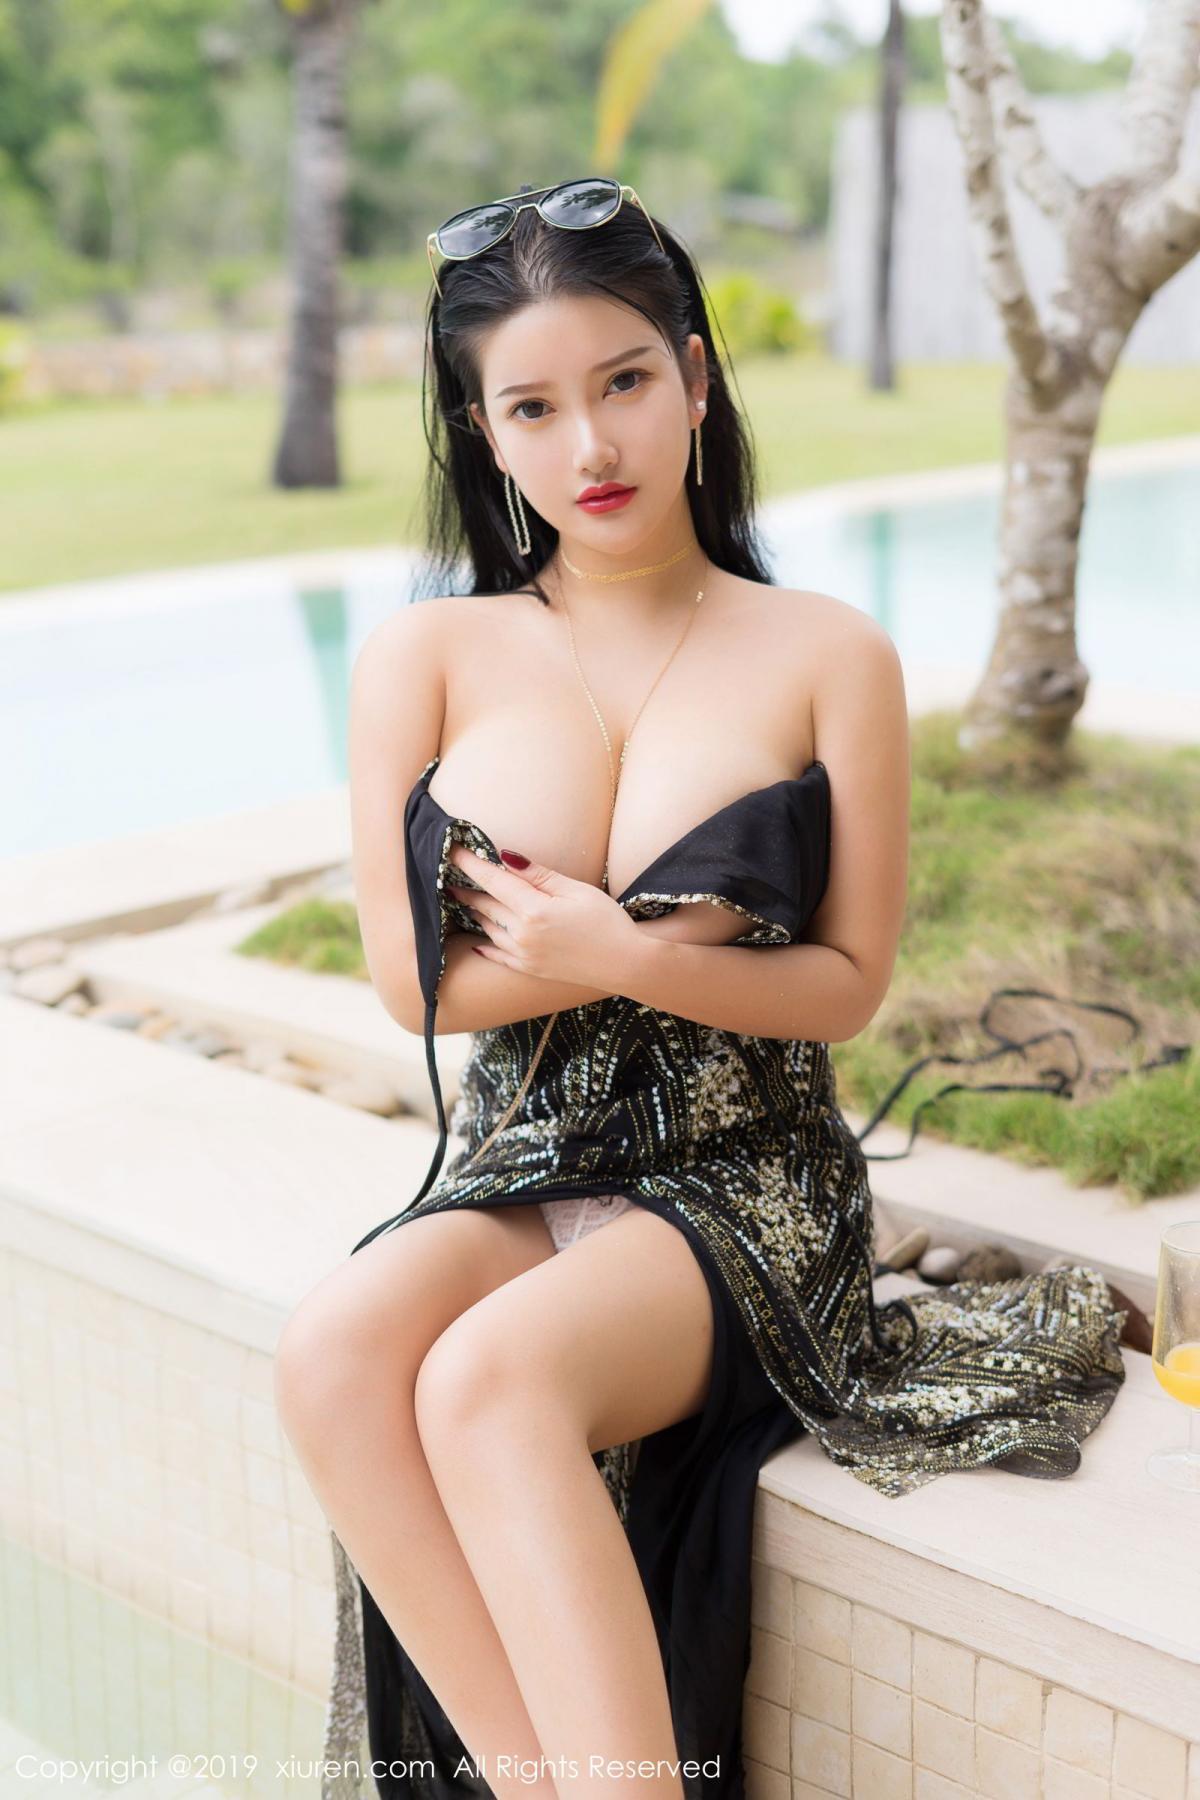 [XiuRen] Vol.1726 Lu Lu Xiao Miao 25P, Lu Lu Xiao Miao, Outdoor, Swim Pool, Xiuren